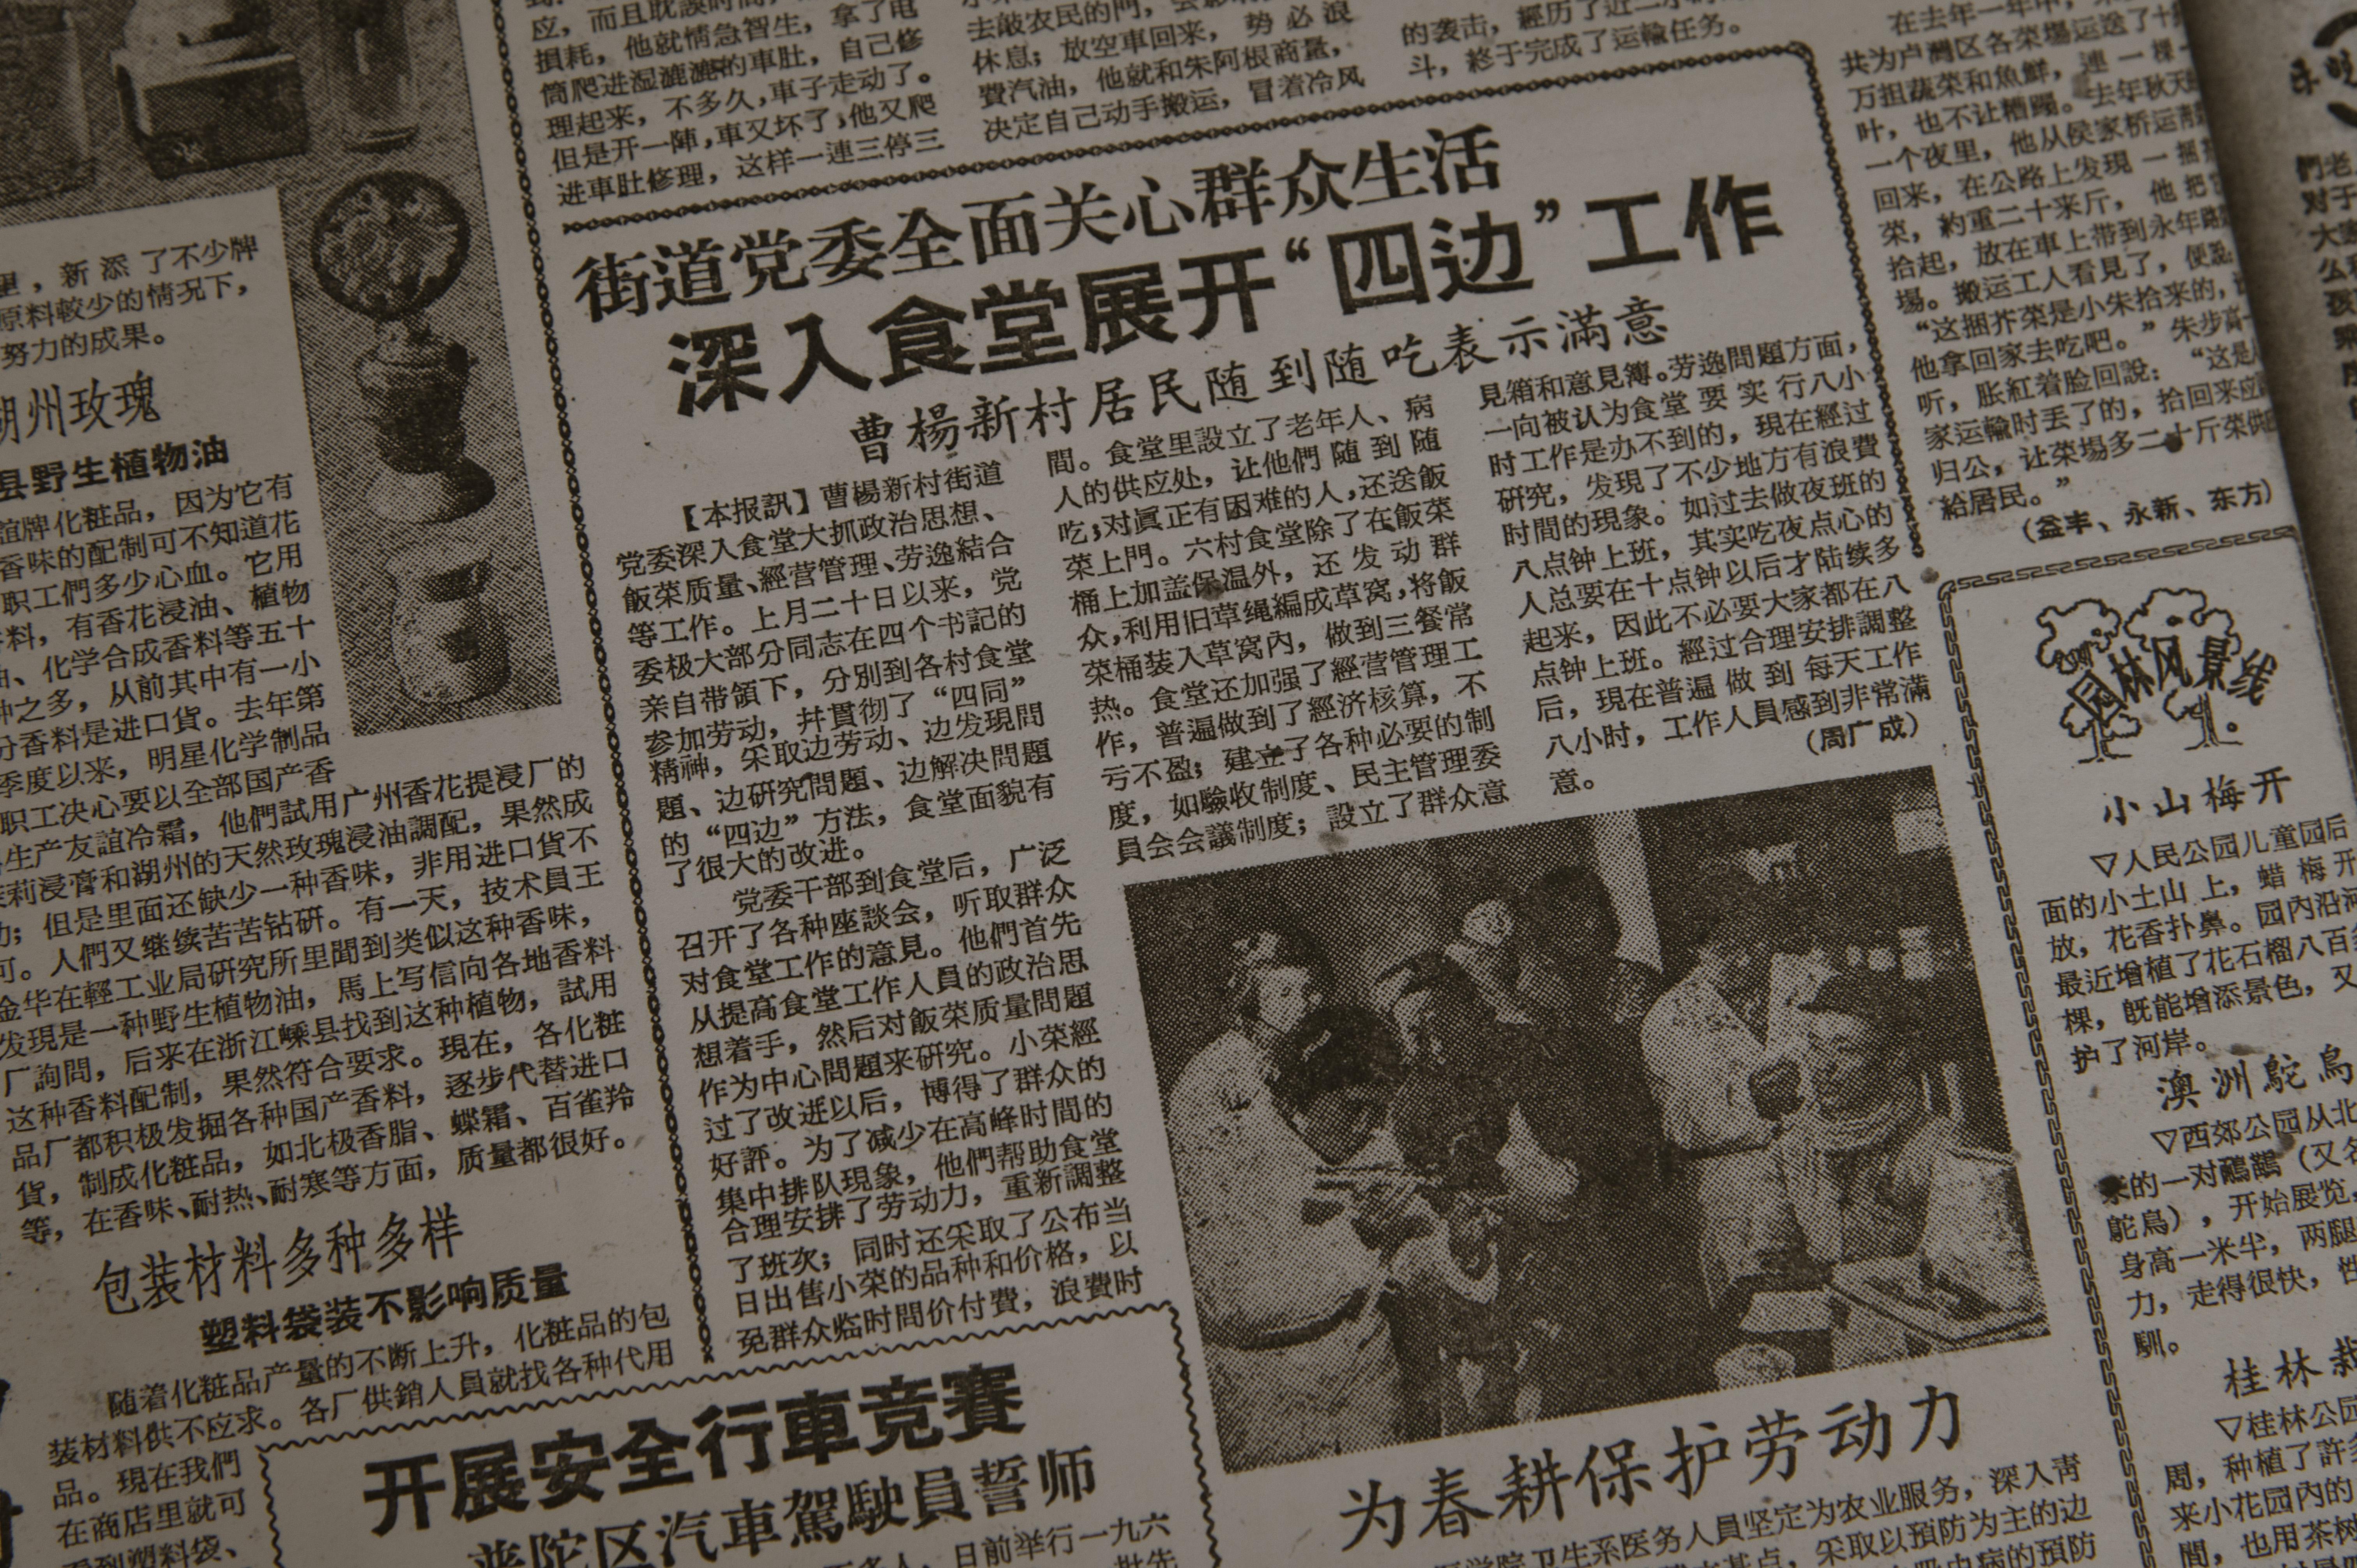 新民晚报 1961年1月14日 4版 孟惠普 毕馨元(翻拍)